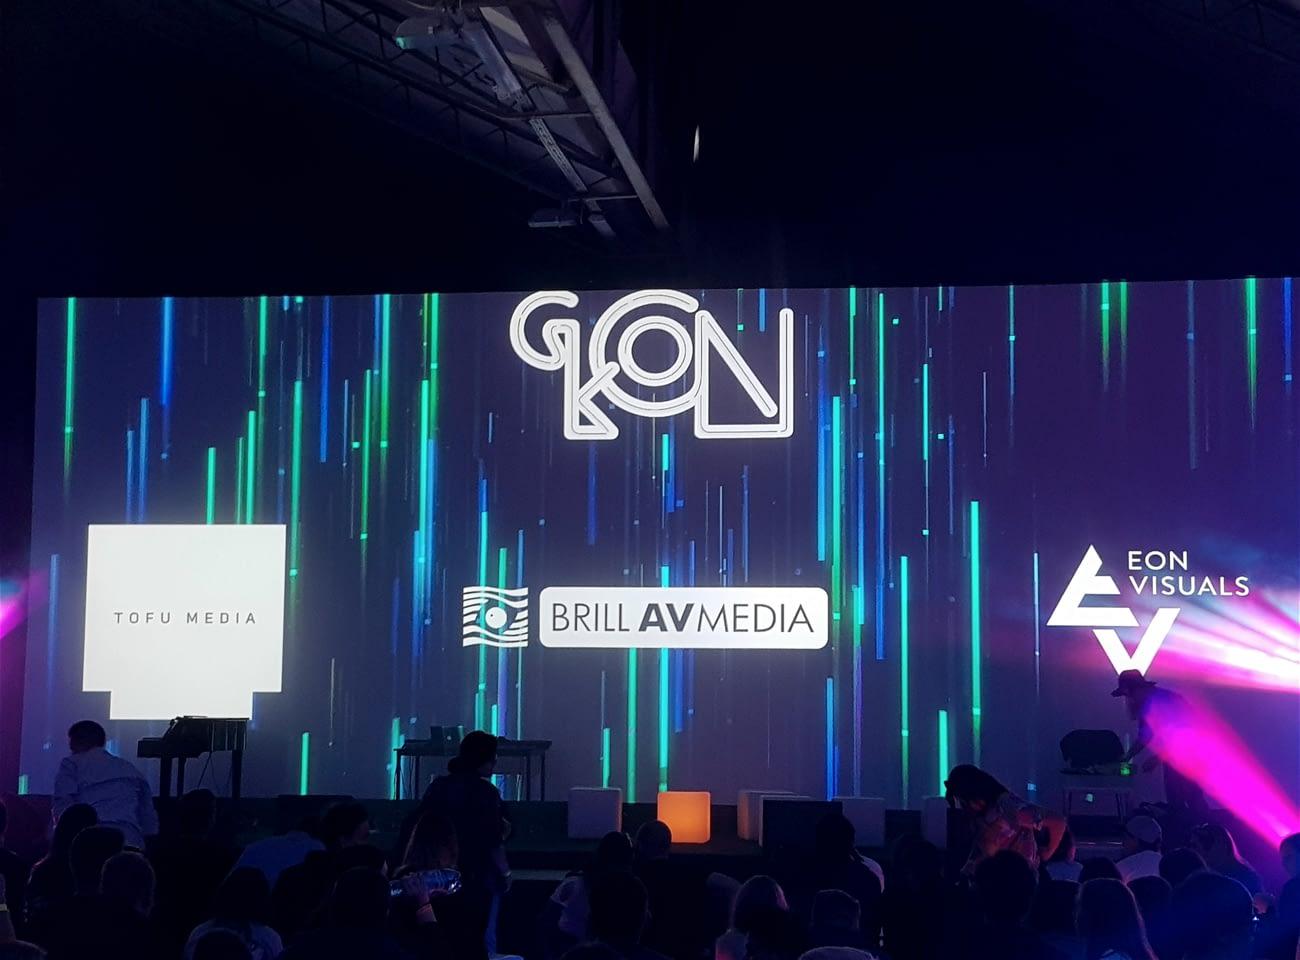 GONKON Krzysztof Gonciarz technika Brill AV Media